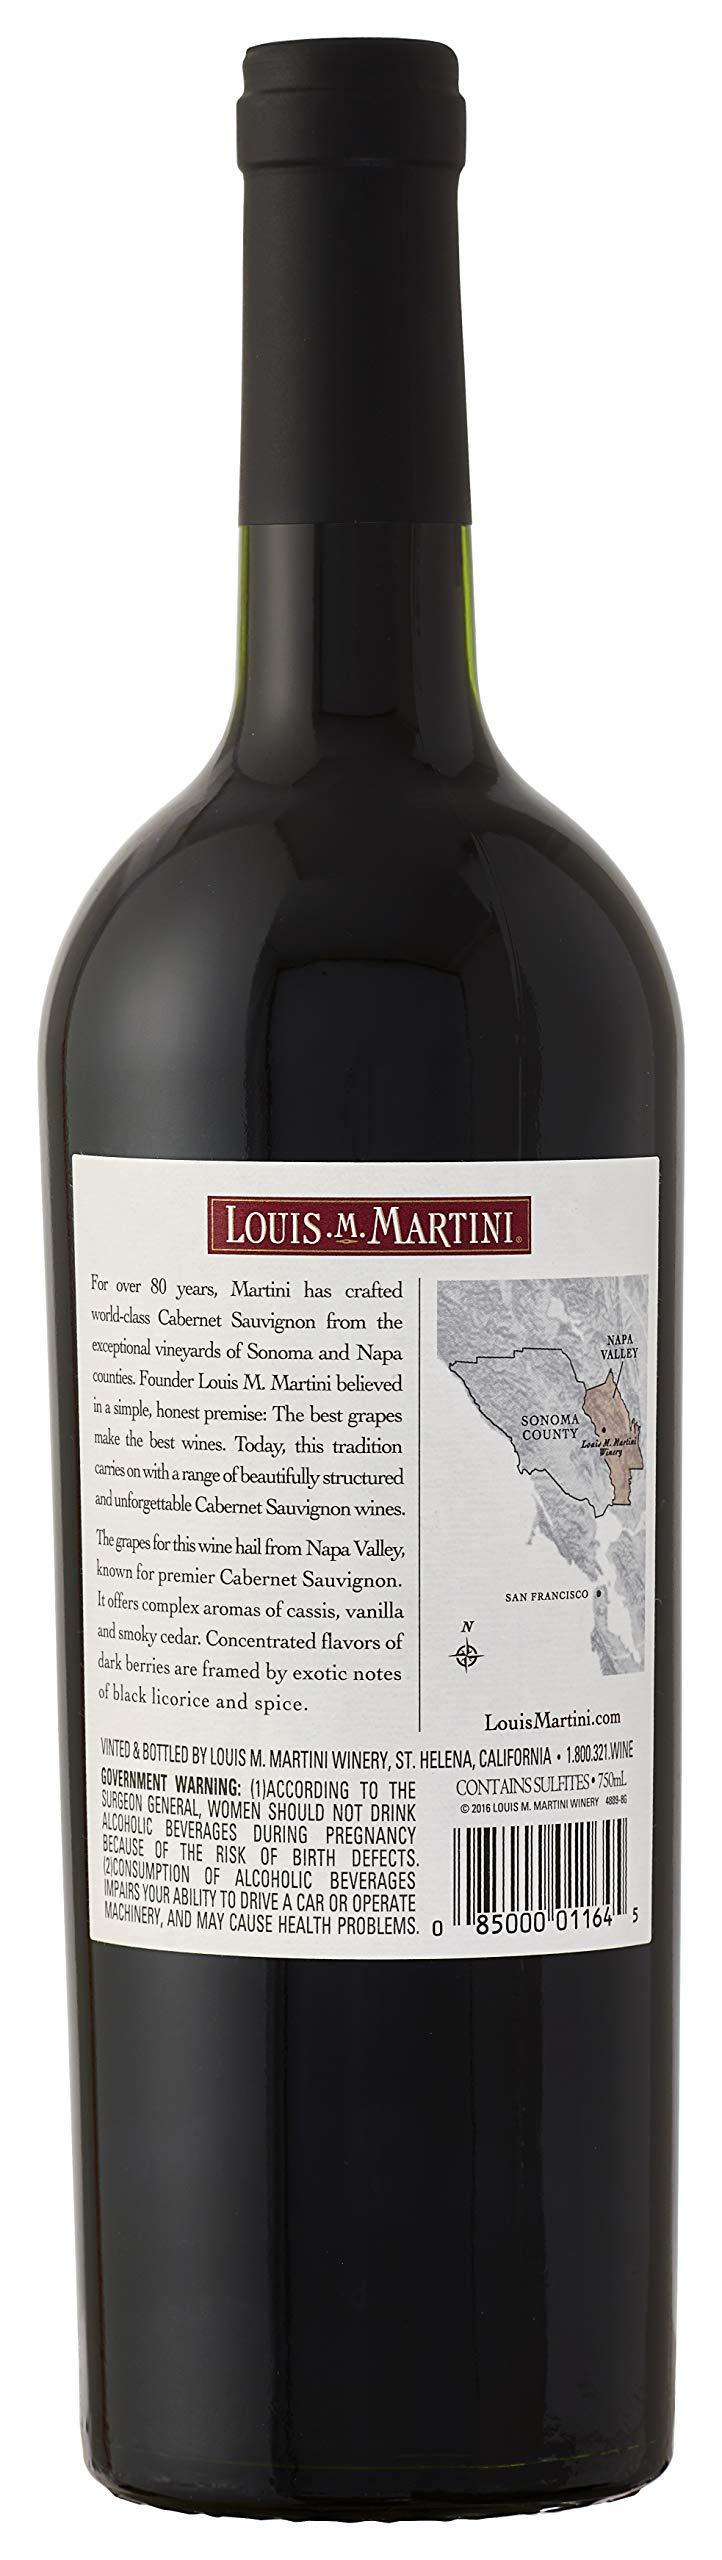 Louis-M-Martini-Cabernet-Sauvignon-Napa-Valley-2014-trocken-1-x-075-l